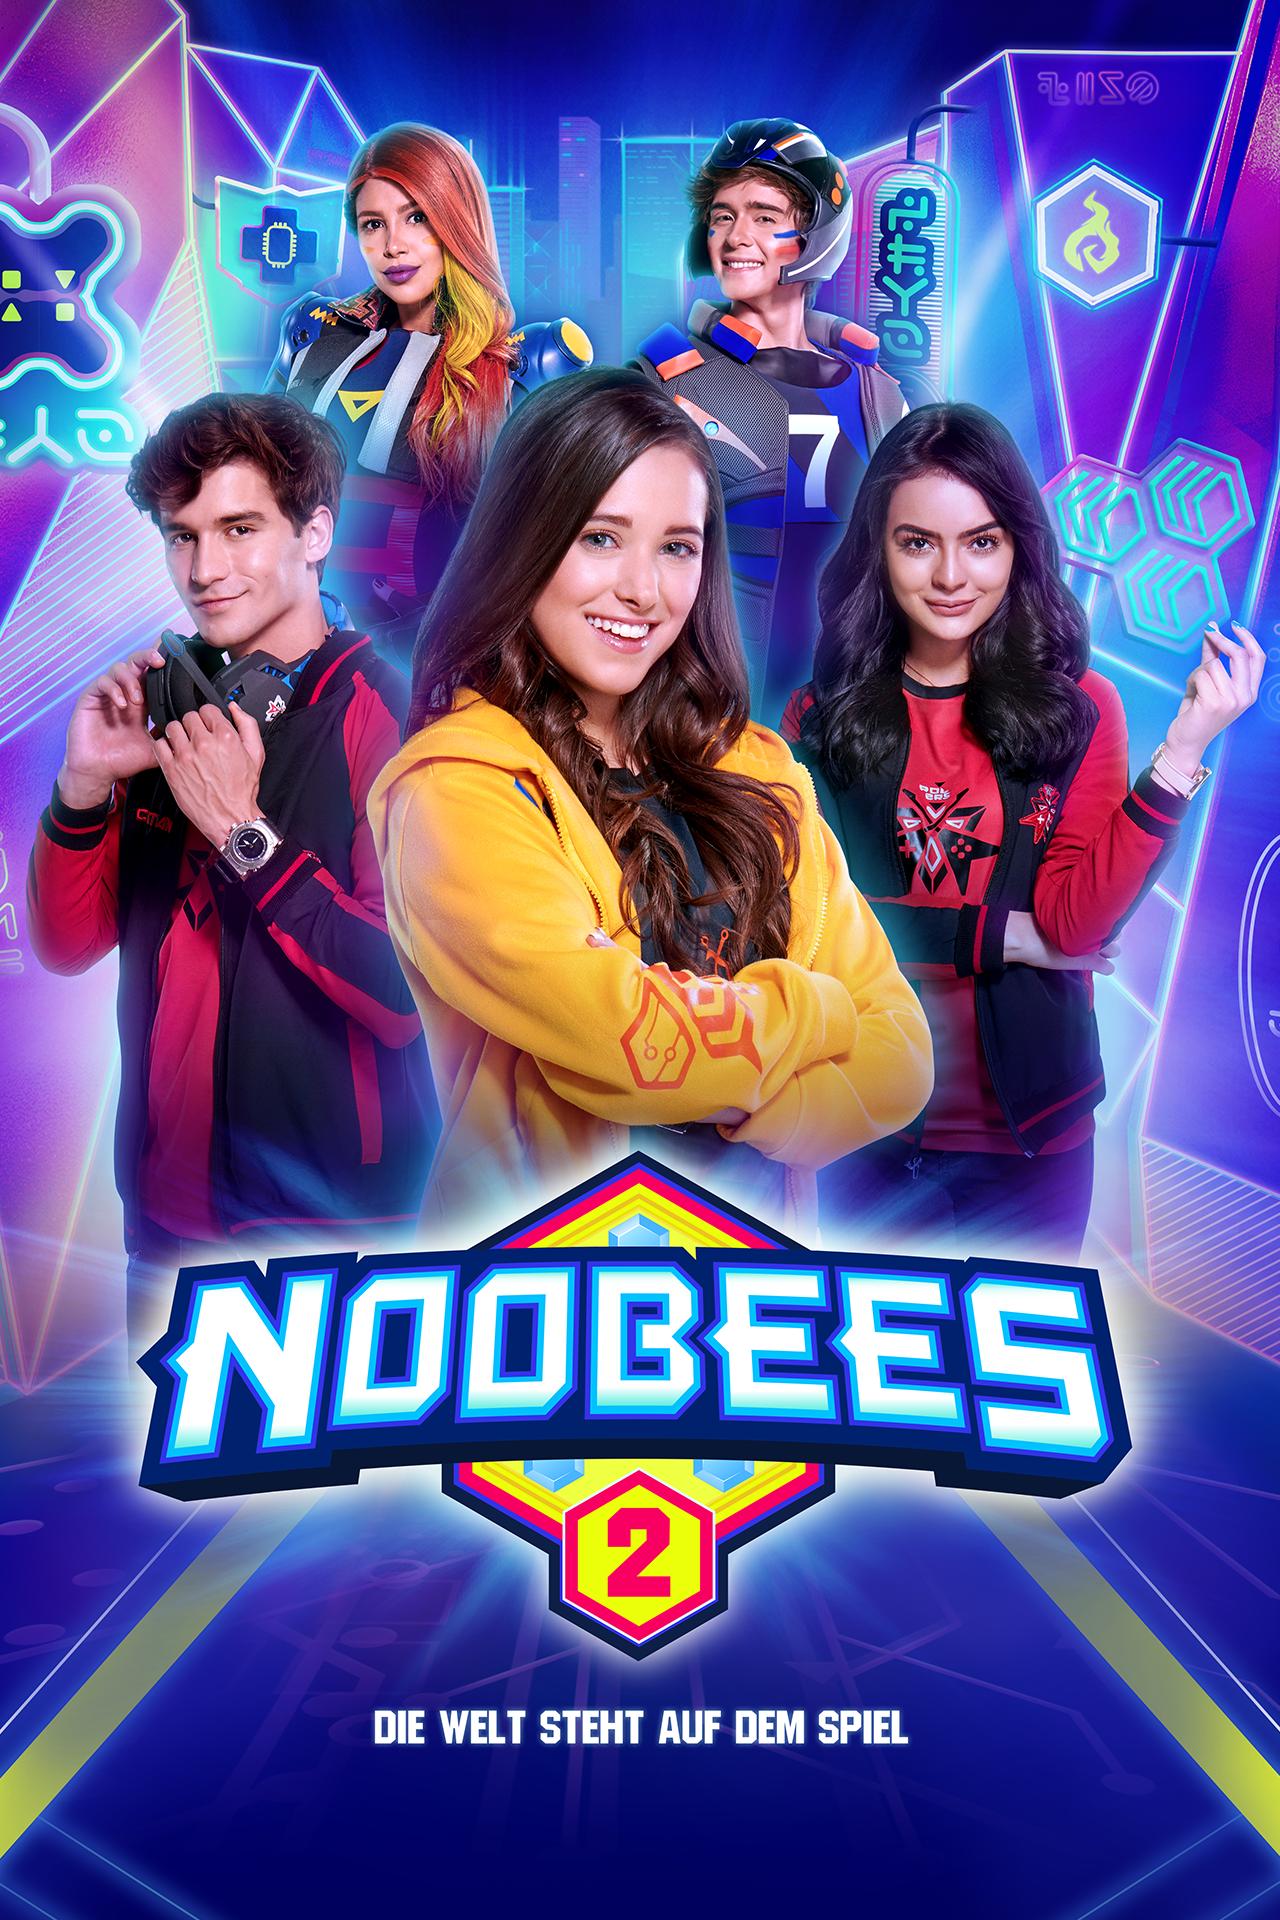 Die Noobees